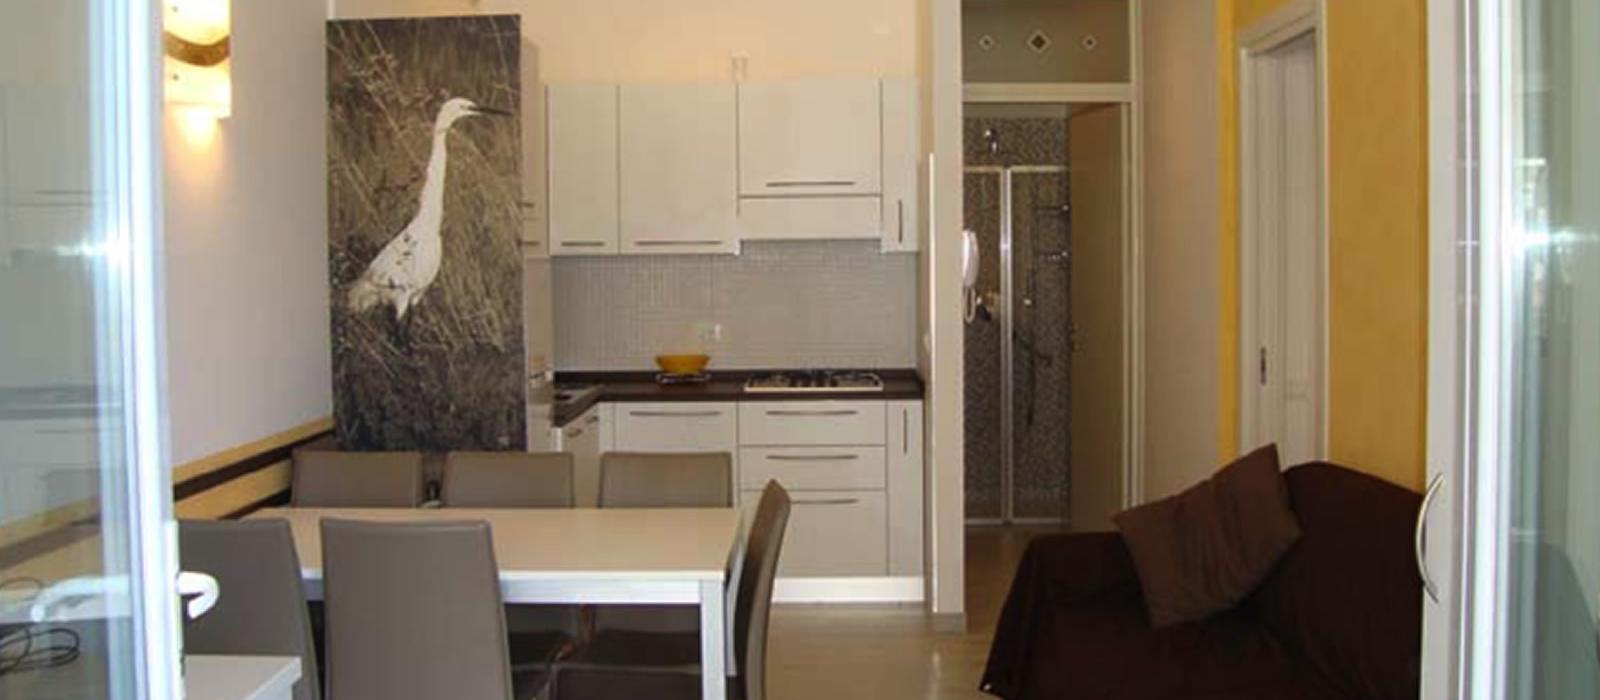 appartour - appartamenti in affitto - case in vendita jesolo